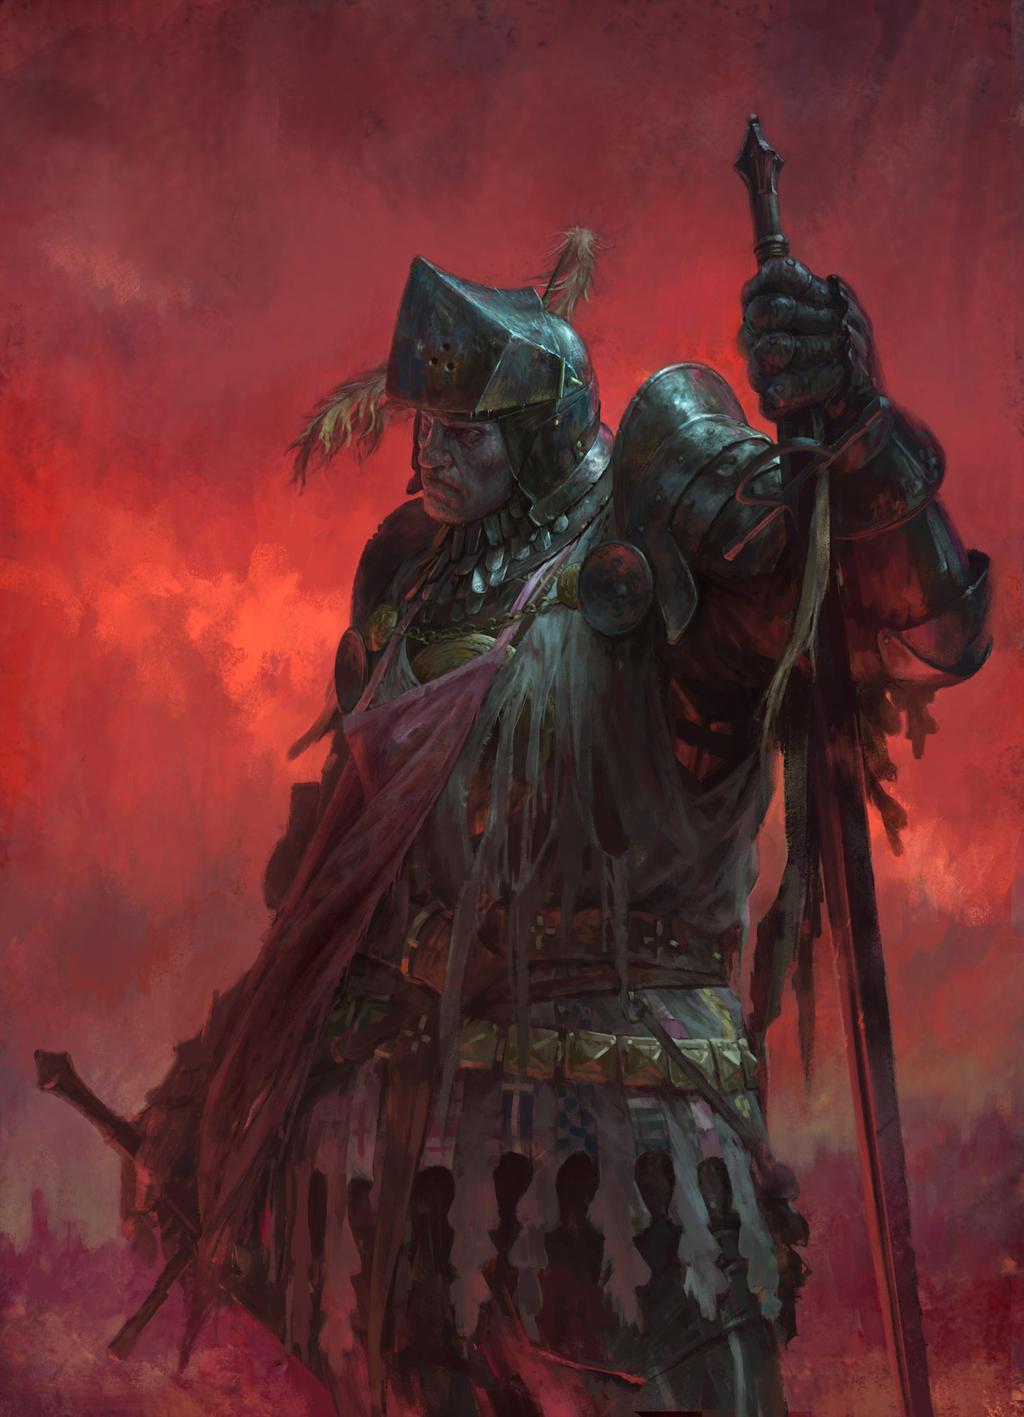 Ilustraciones sueltas chulas encontradas por el internete - Página 4 Death_knight_by_dusint-daei2yf